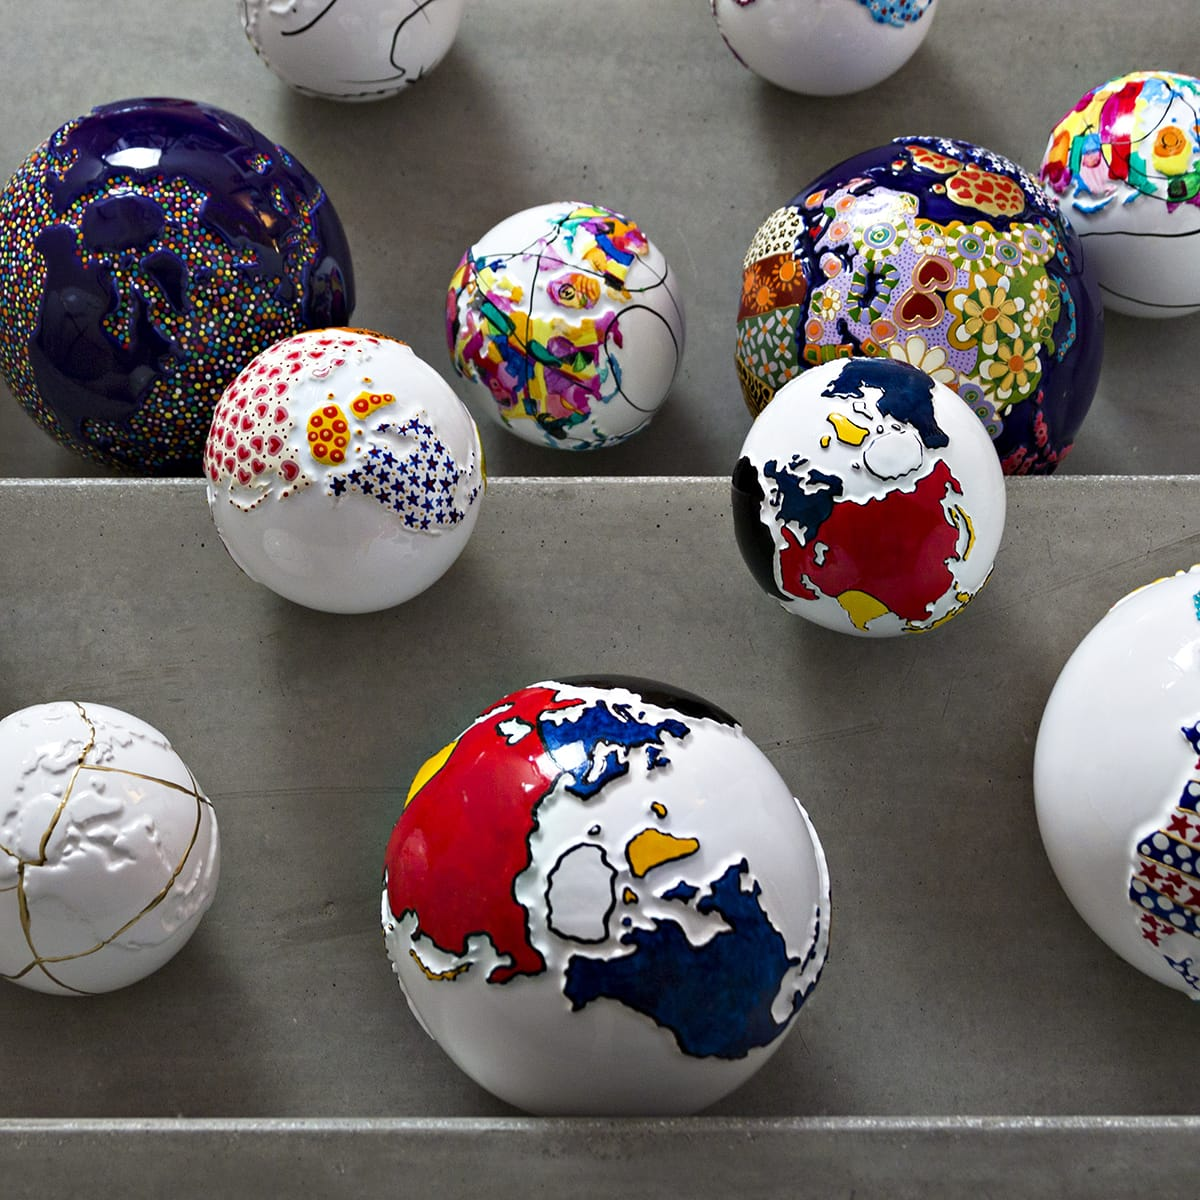 sfere in ceramica raffiguranti il pianeta terra decorate a mano